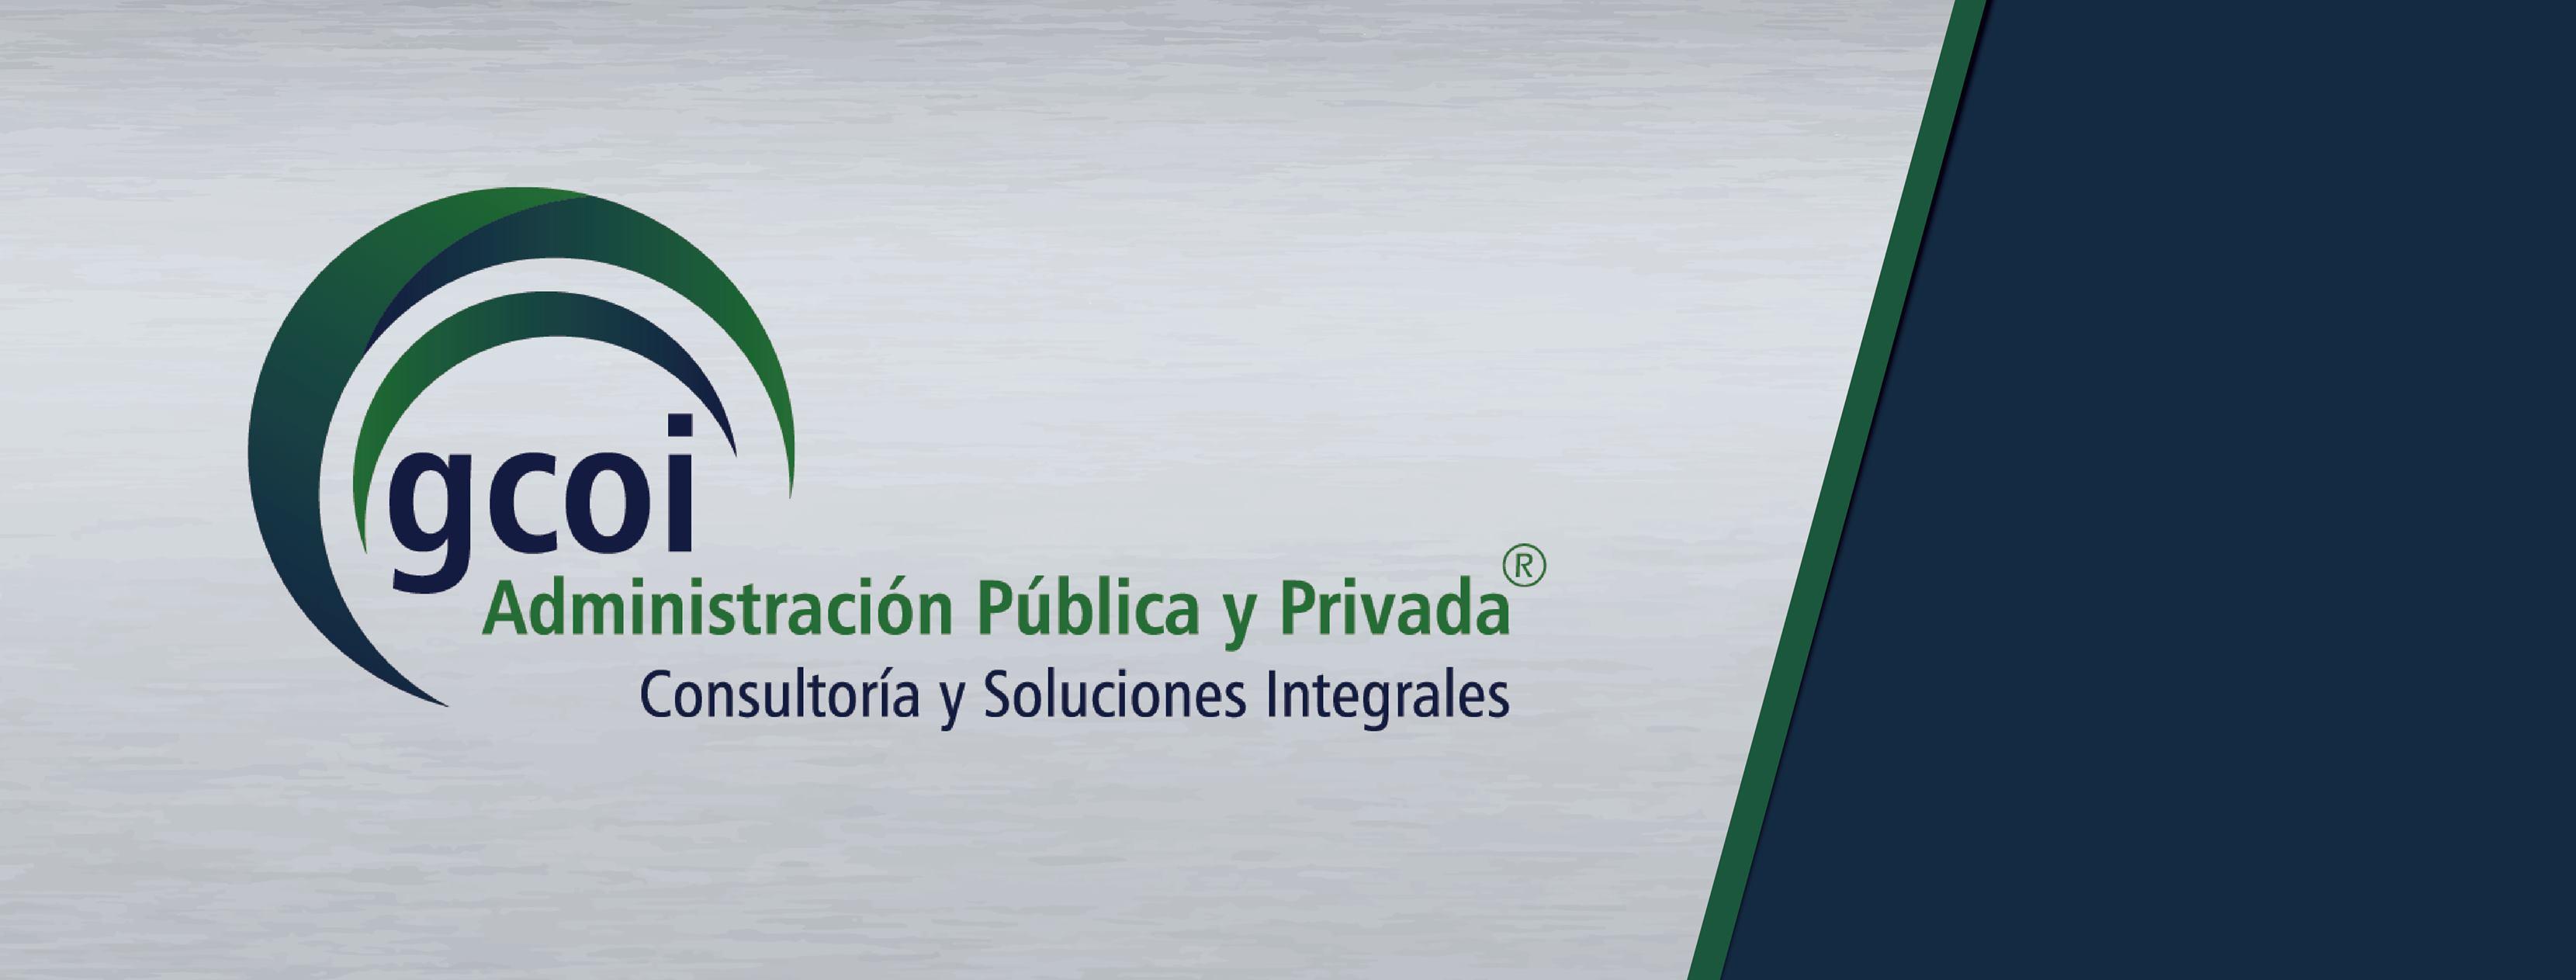 COI Administración Pública y Privada SC